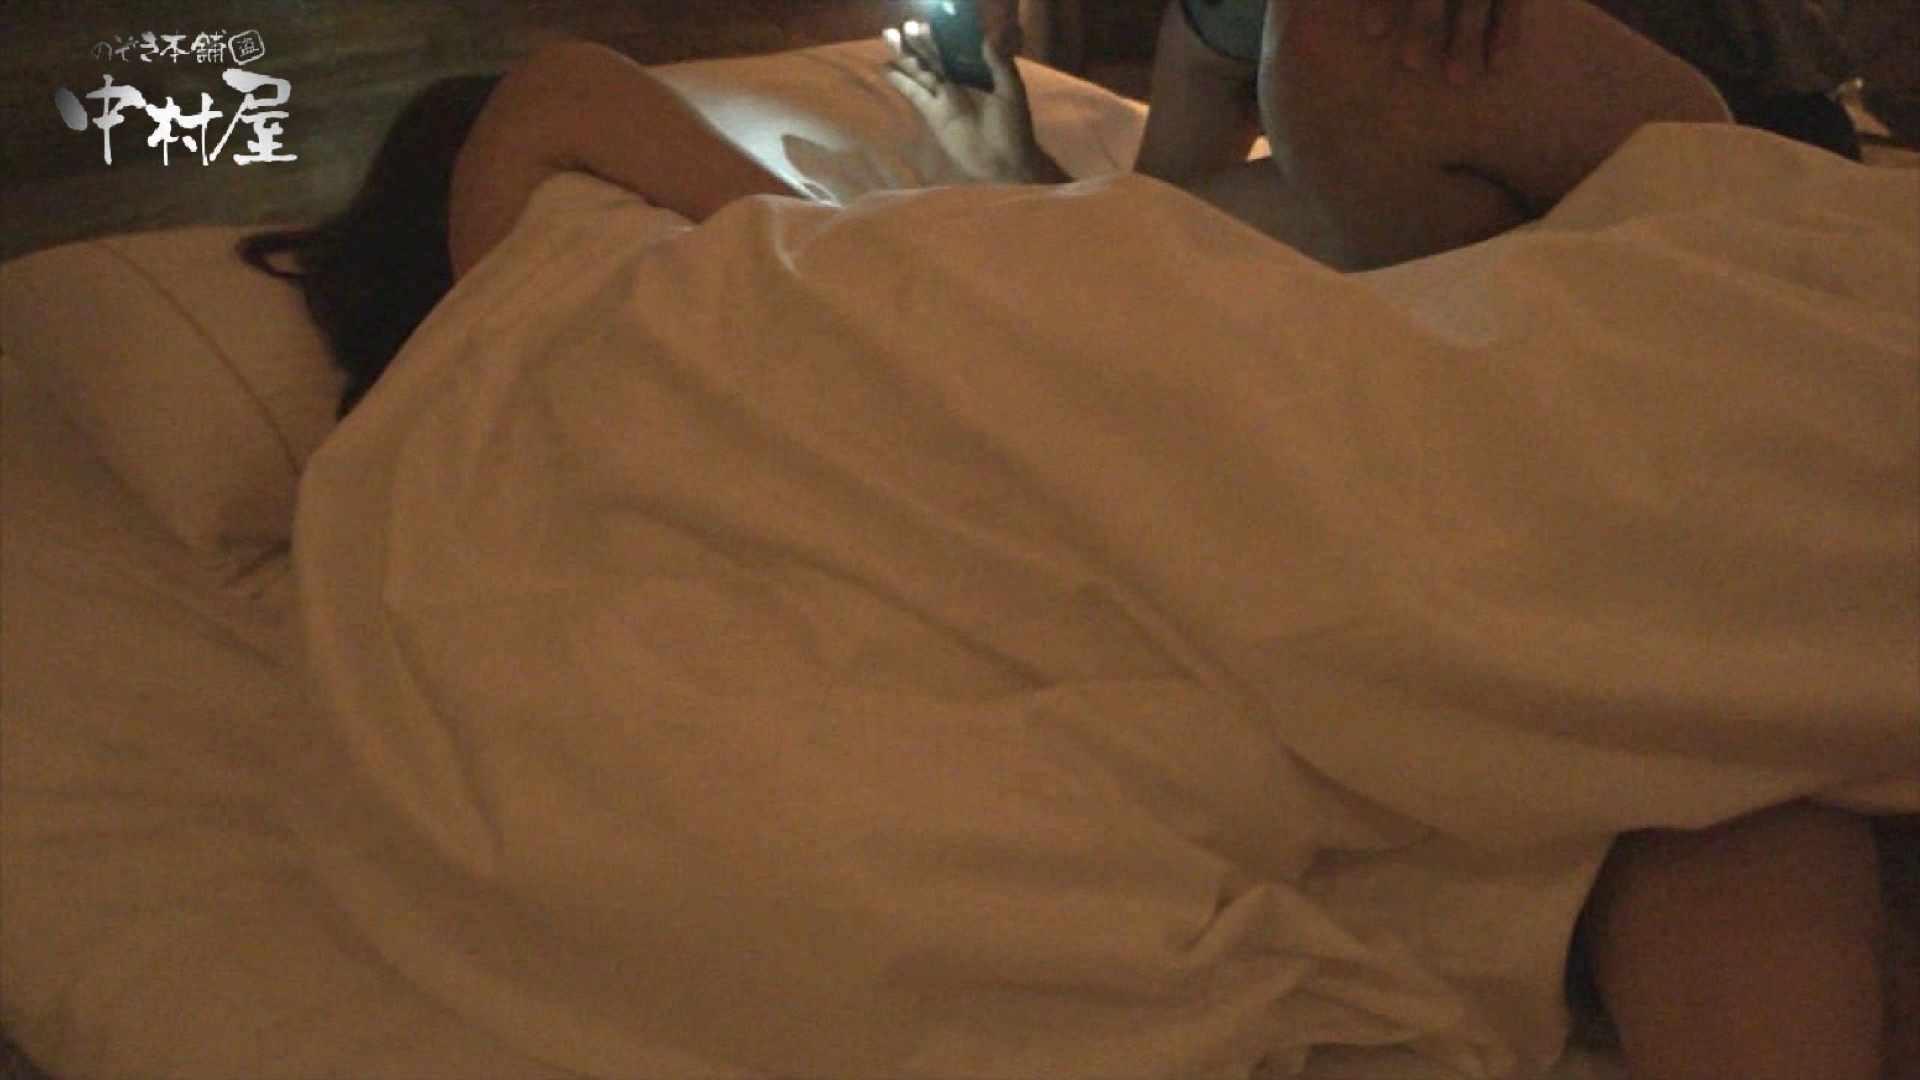 欲望 リアルドール Case.13 Yちゃんトリマー20歳 女子大生 盗撮ワレメ無修正動画無料 88画像 2